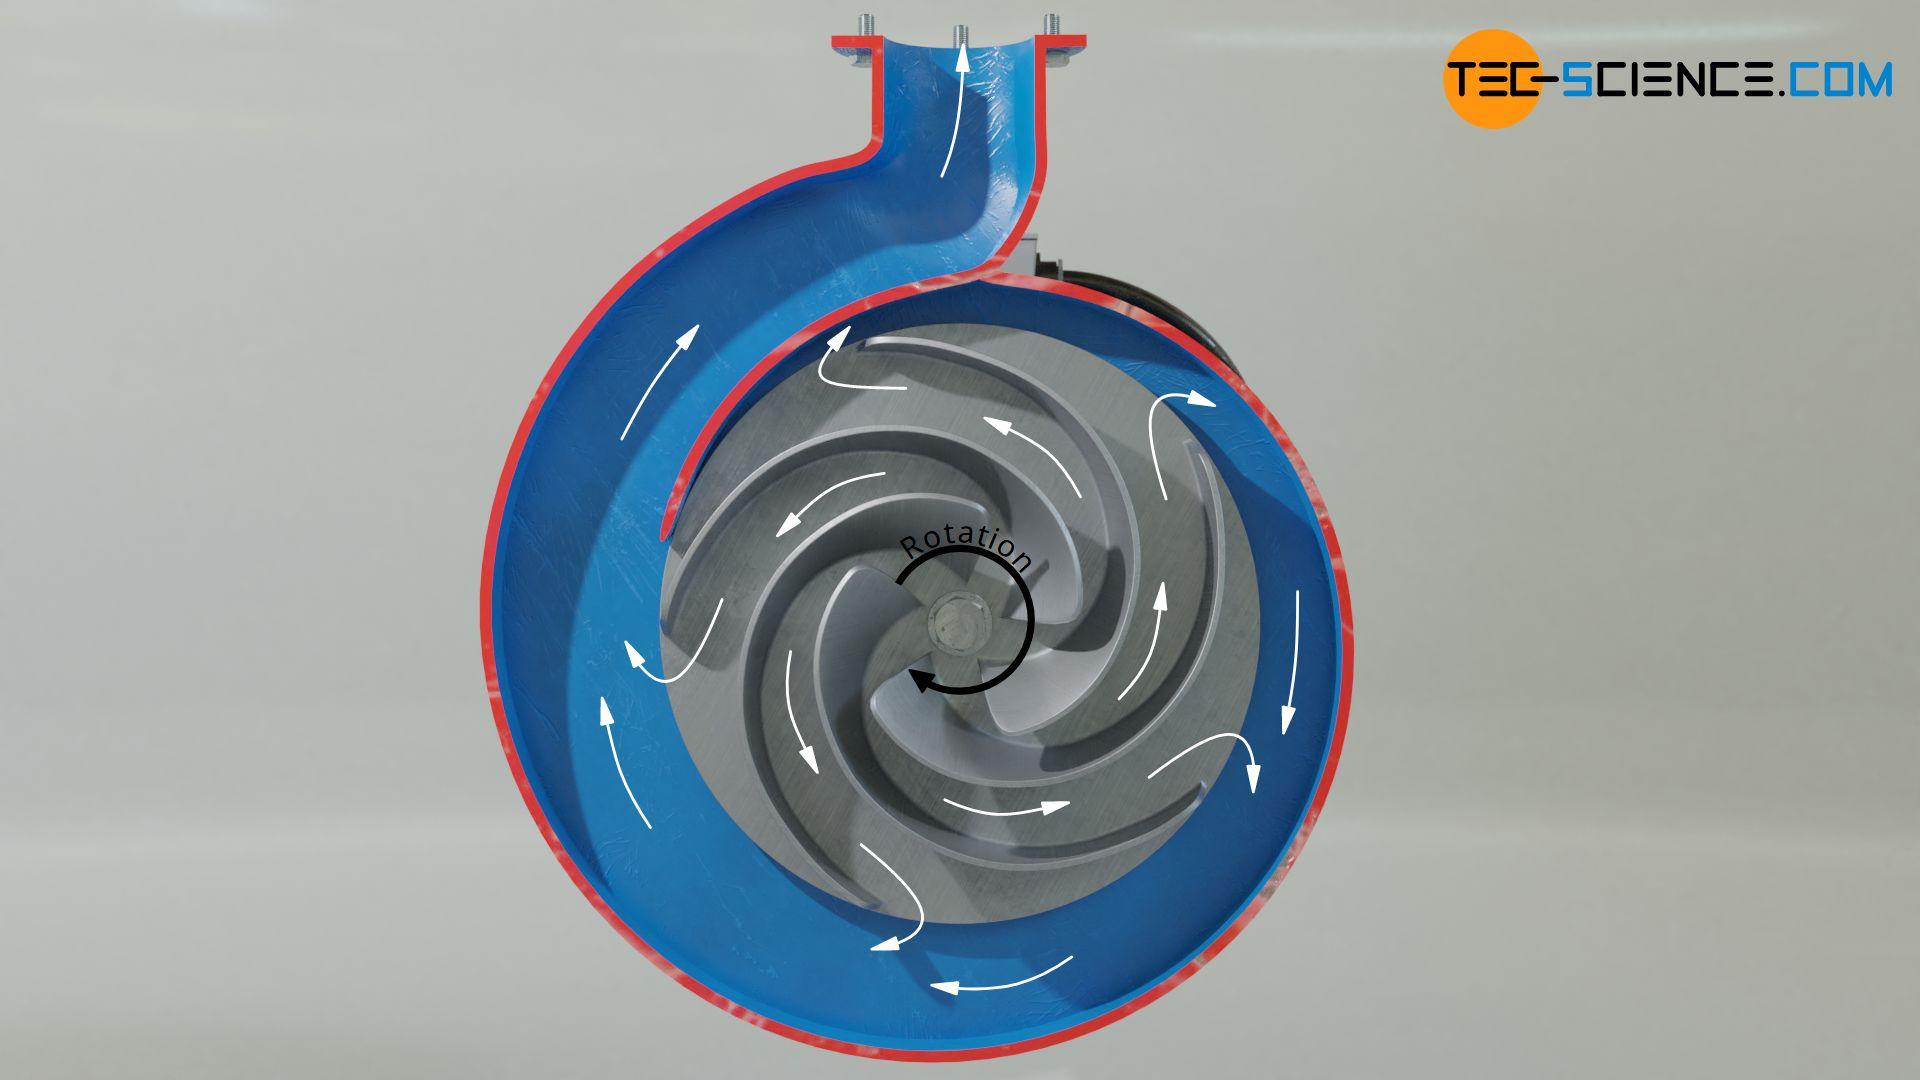 Laufrad einer Kreiselpumpe